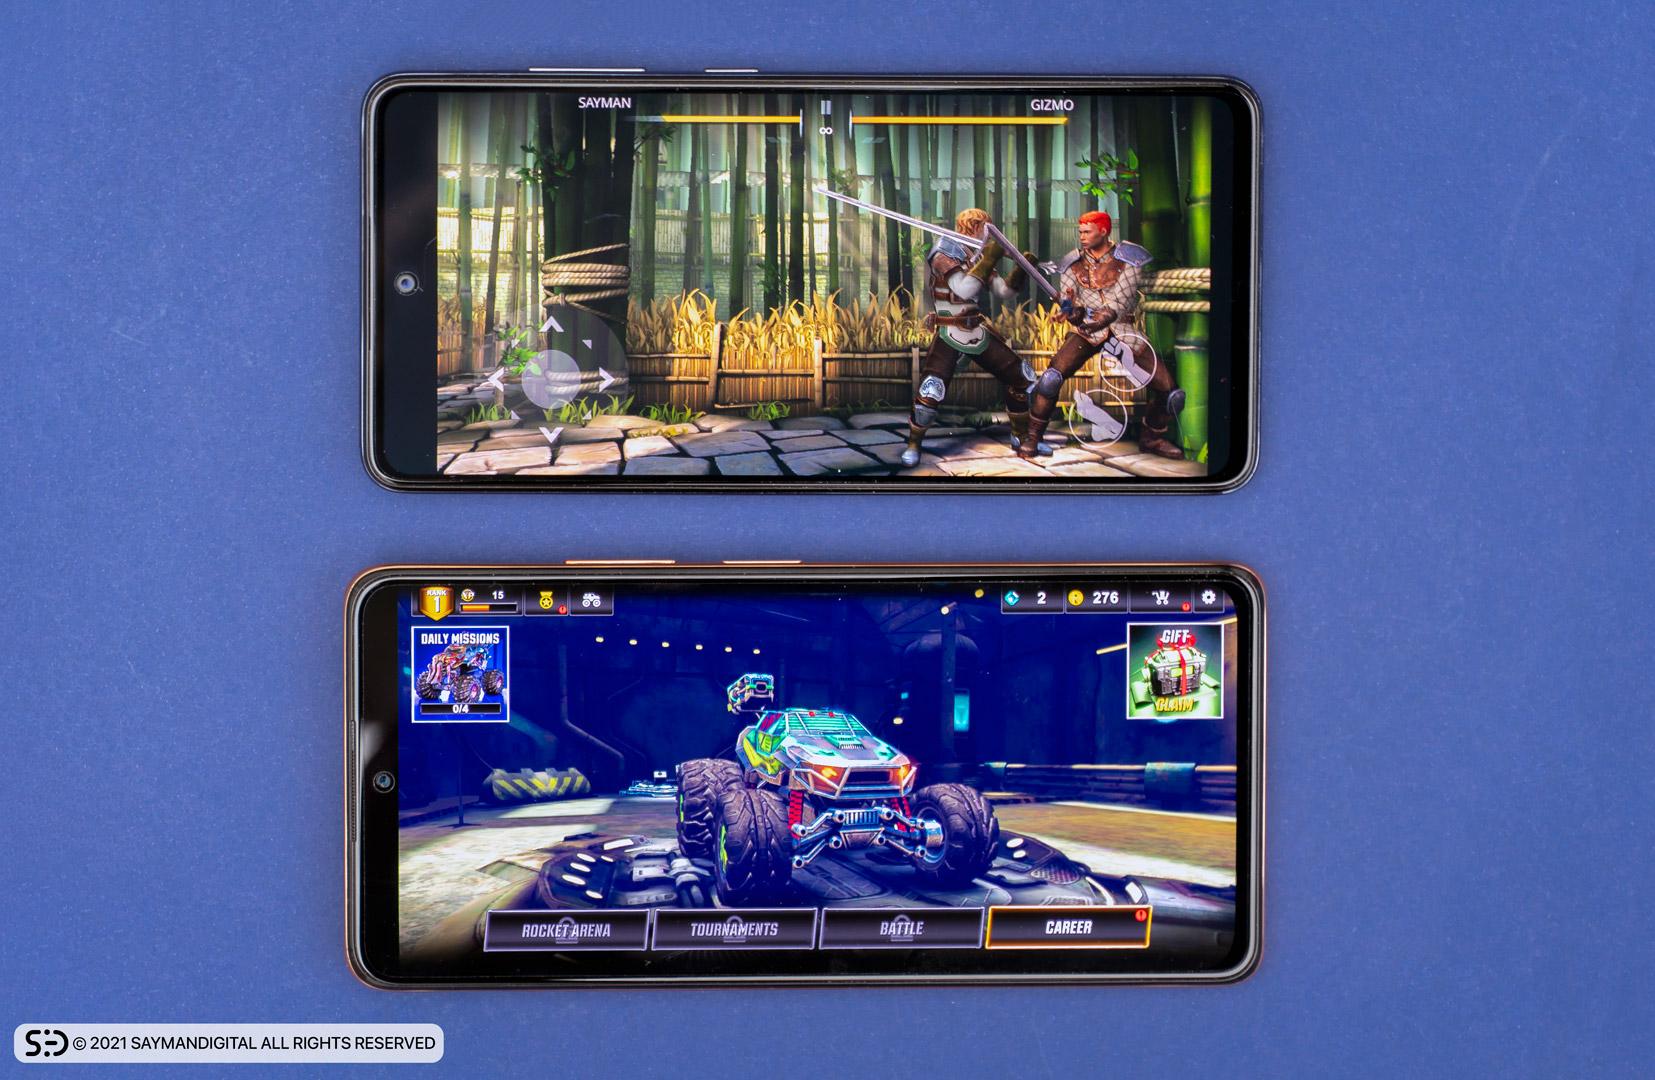 اجرای بازی به روی دو گوشی - redmi note 10 pro یا a52